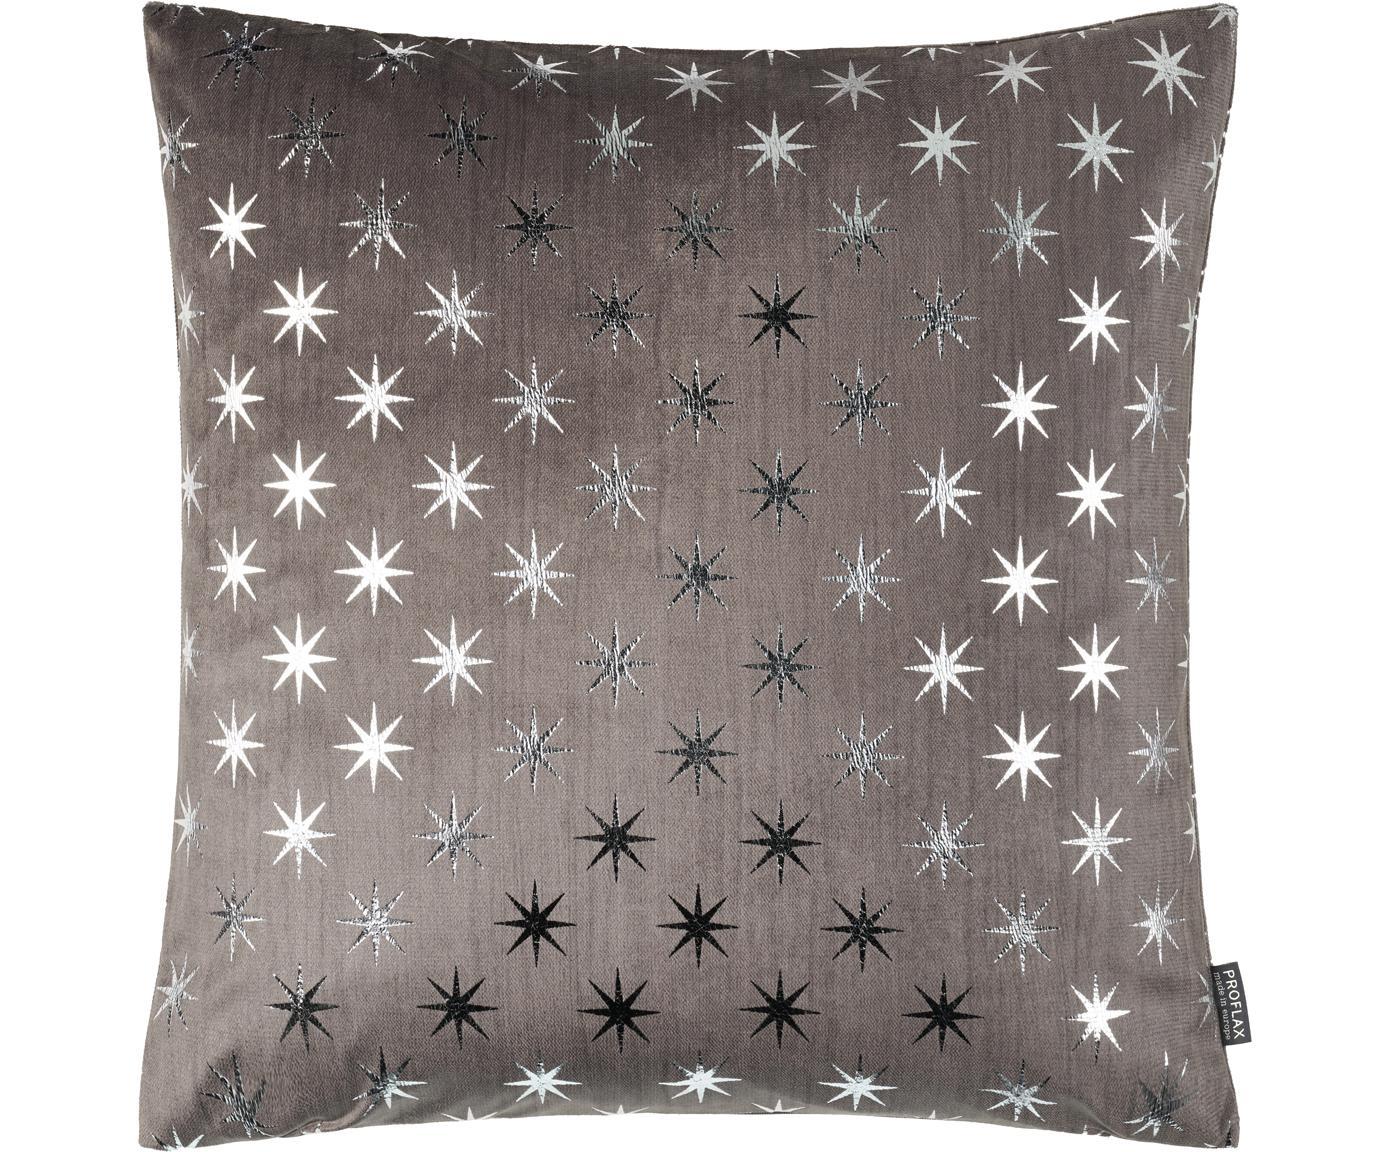 Poszewka na poduszkę Cosmos, Poliester, Szary, odcienie srebrnego, S 40 x D 40 cm